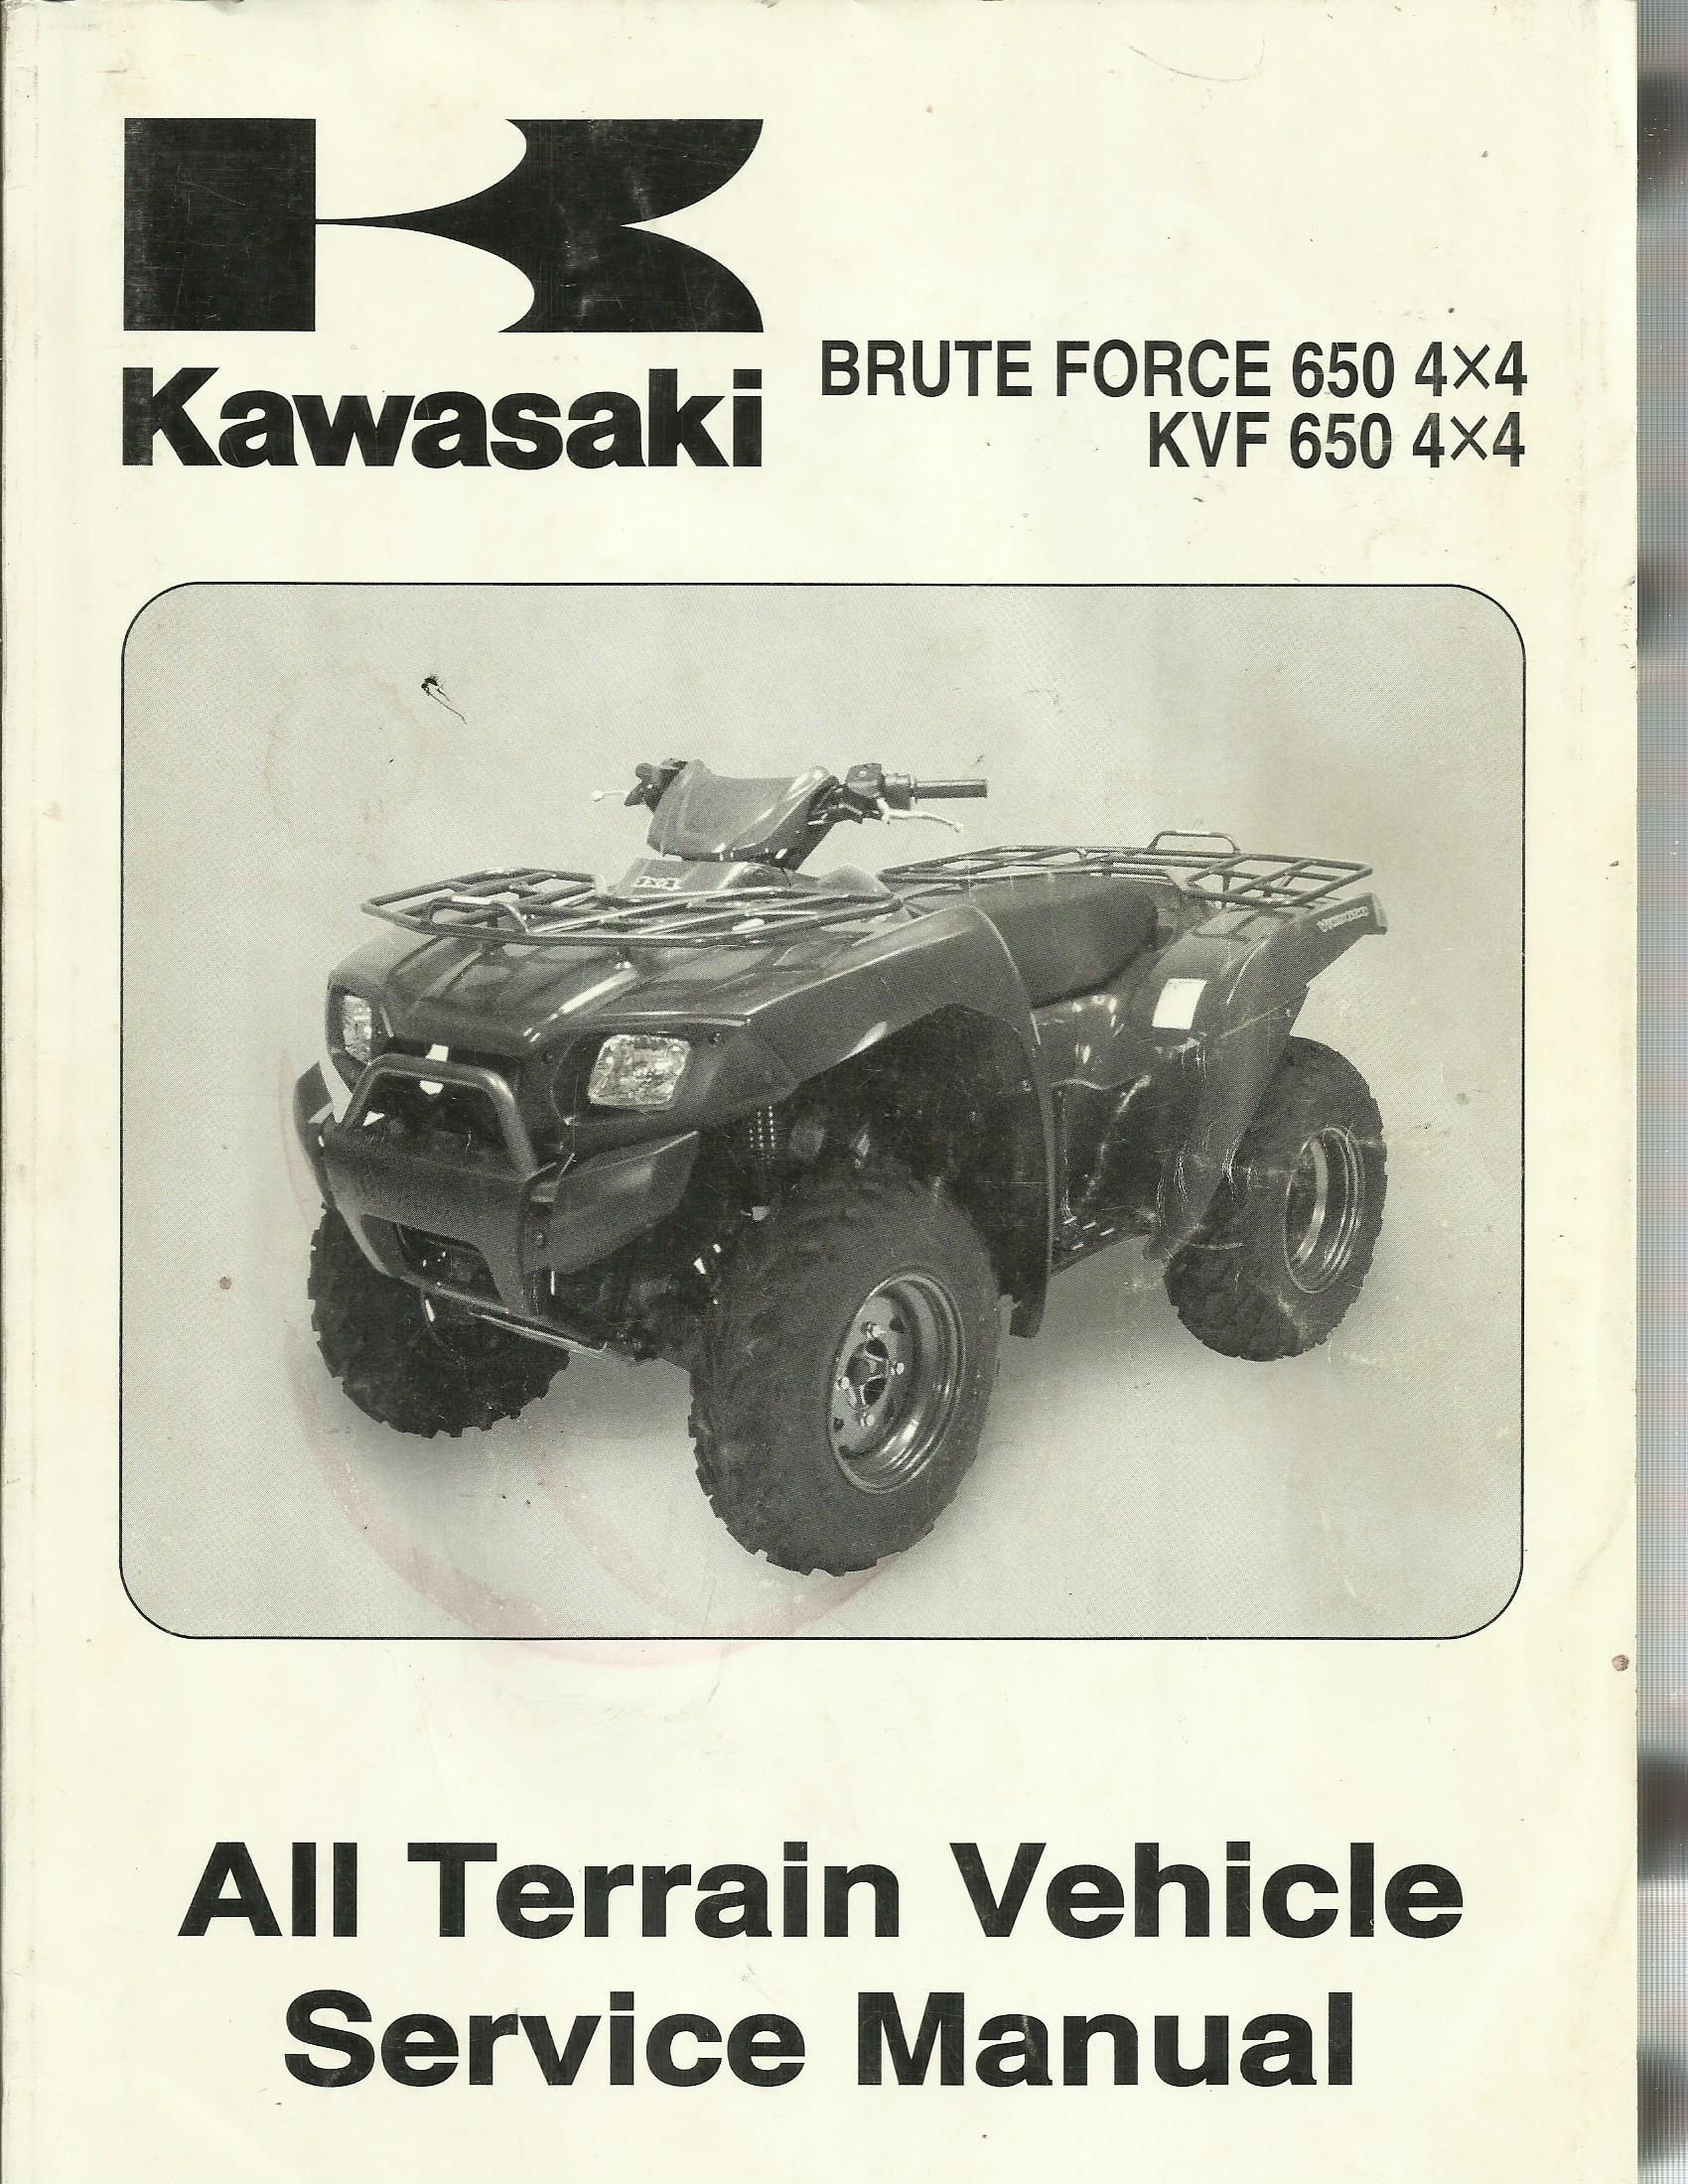 Kawasaki Brute Force 650 4x4 Kvf 650 4x4 All Terrain